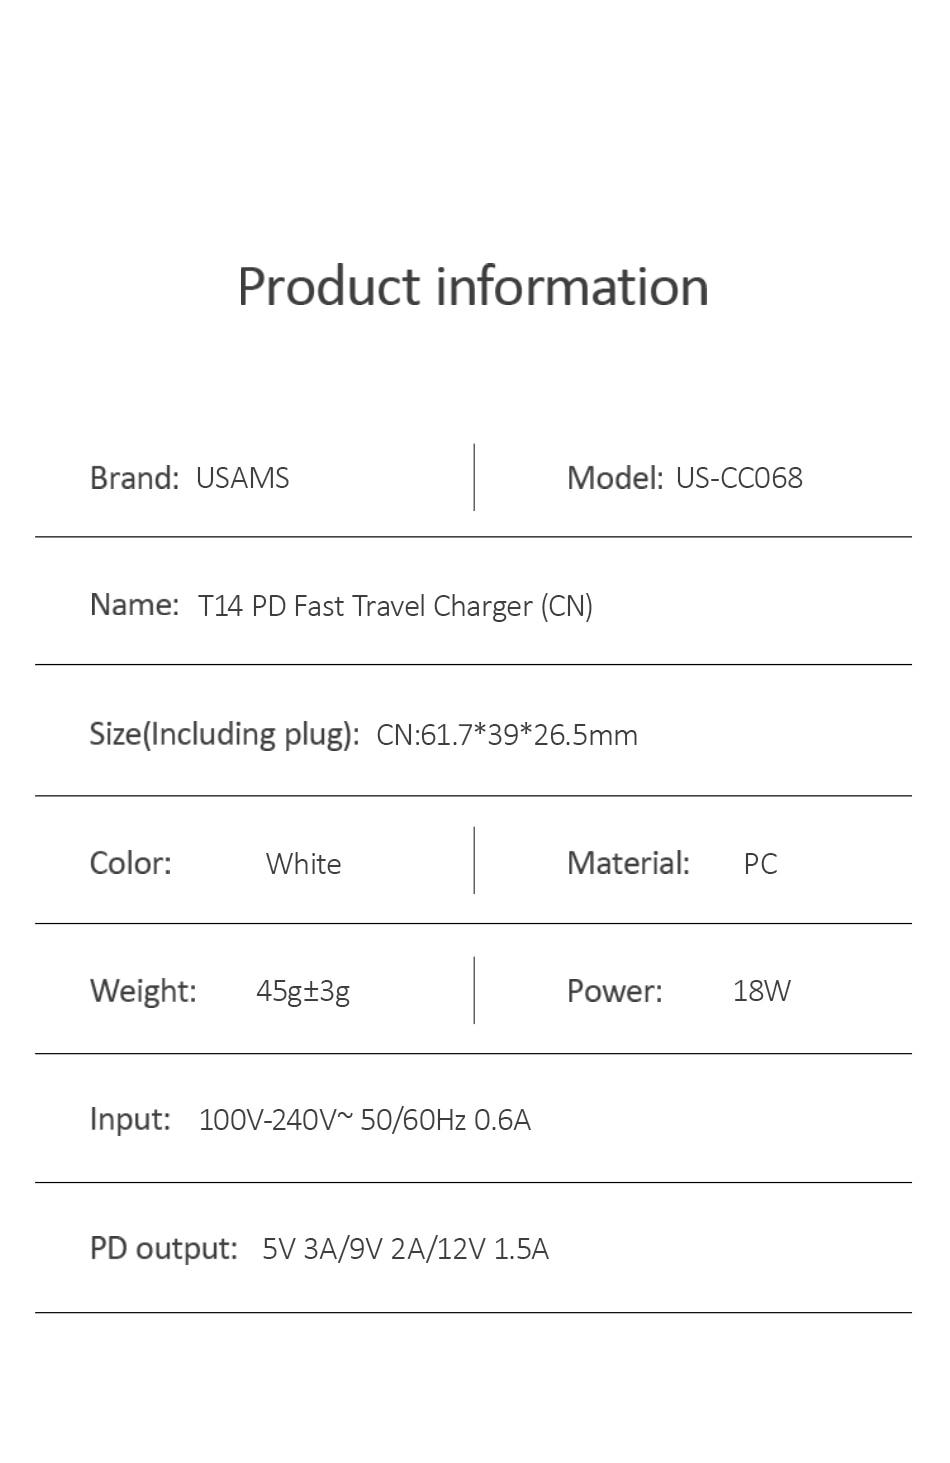 T14PD快充旅行充电器中规详情页--US-CC068-950px_14